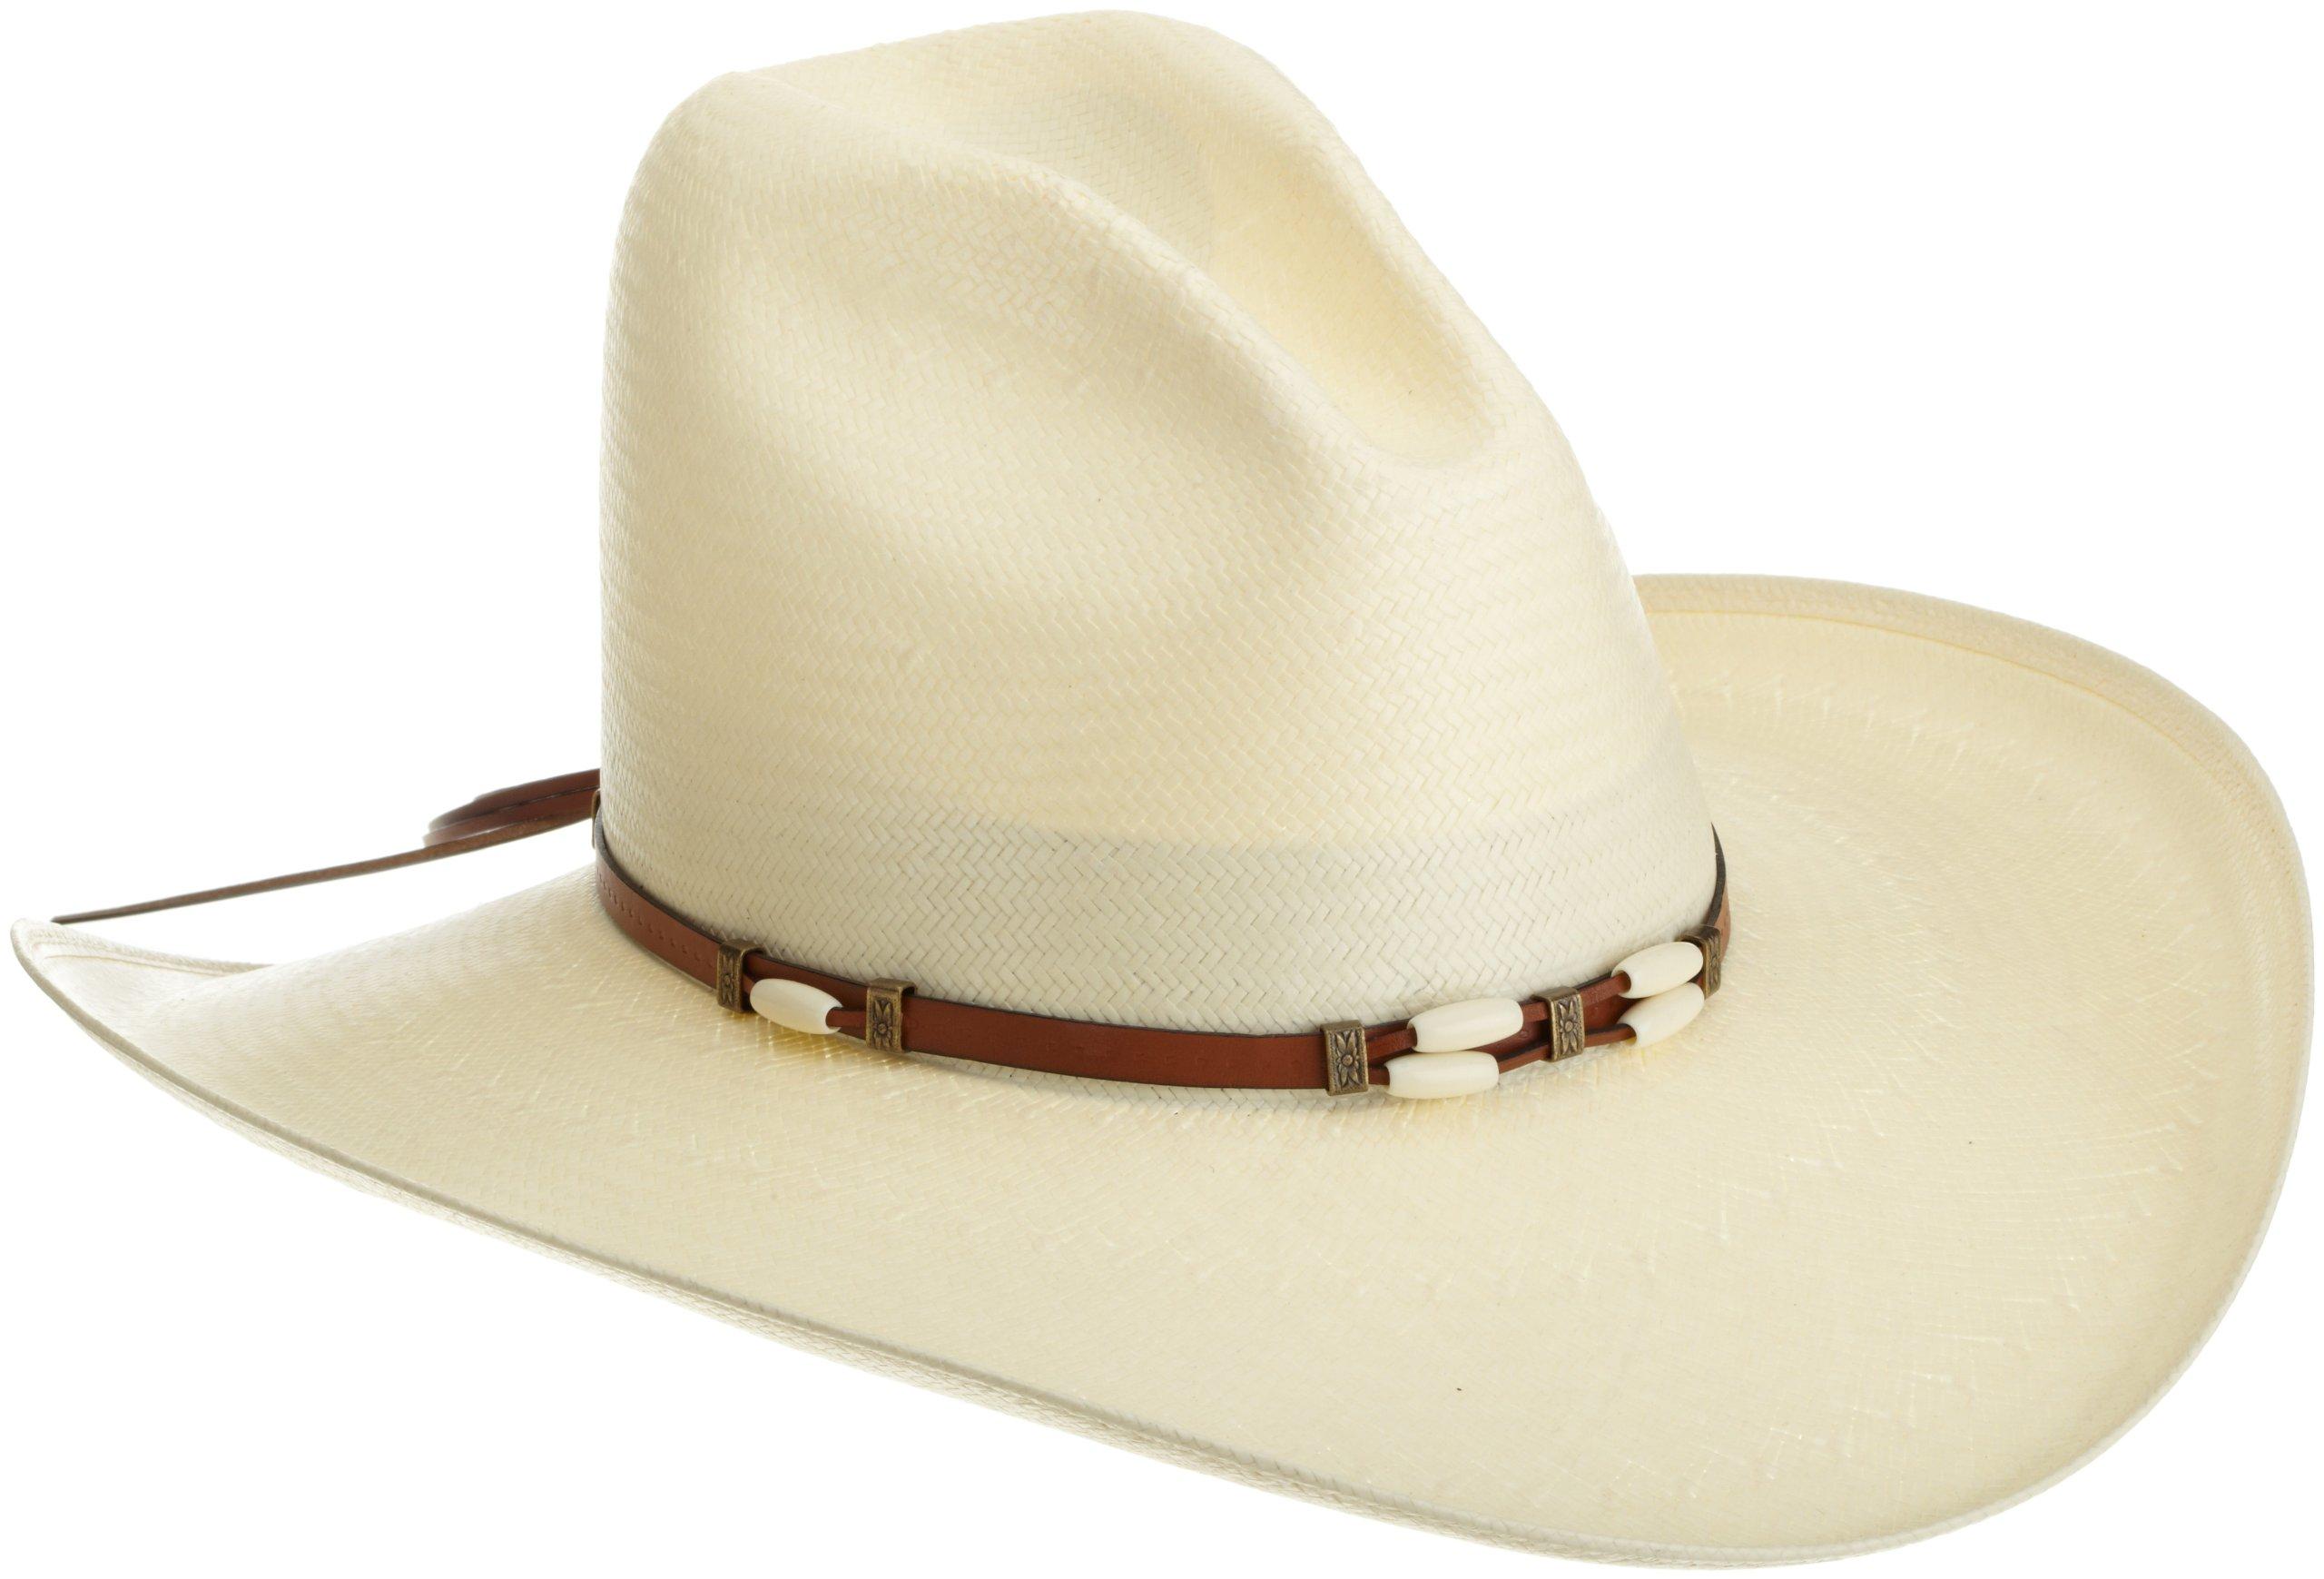 ca08c1341 Resistol Men's Cisco Hat, Natural, 7 1/8